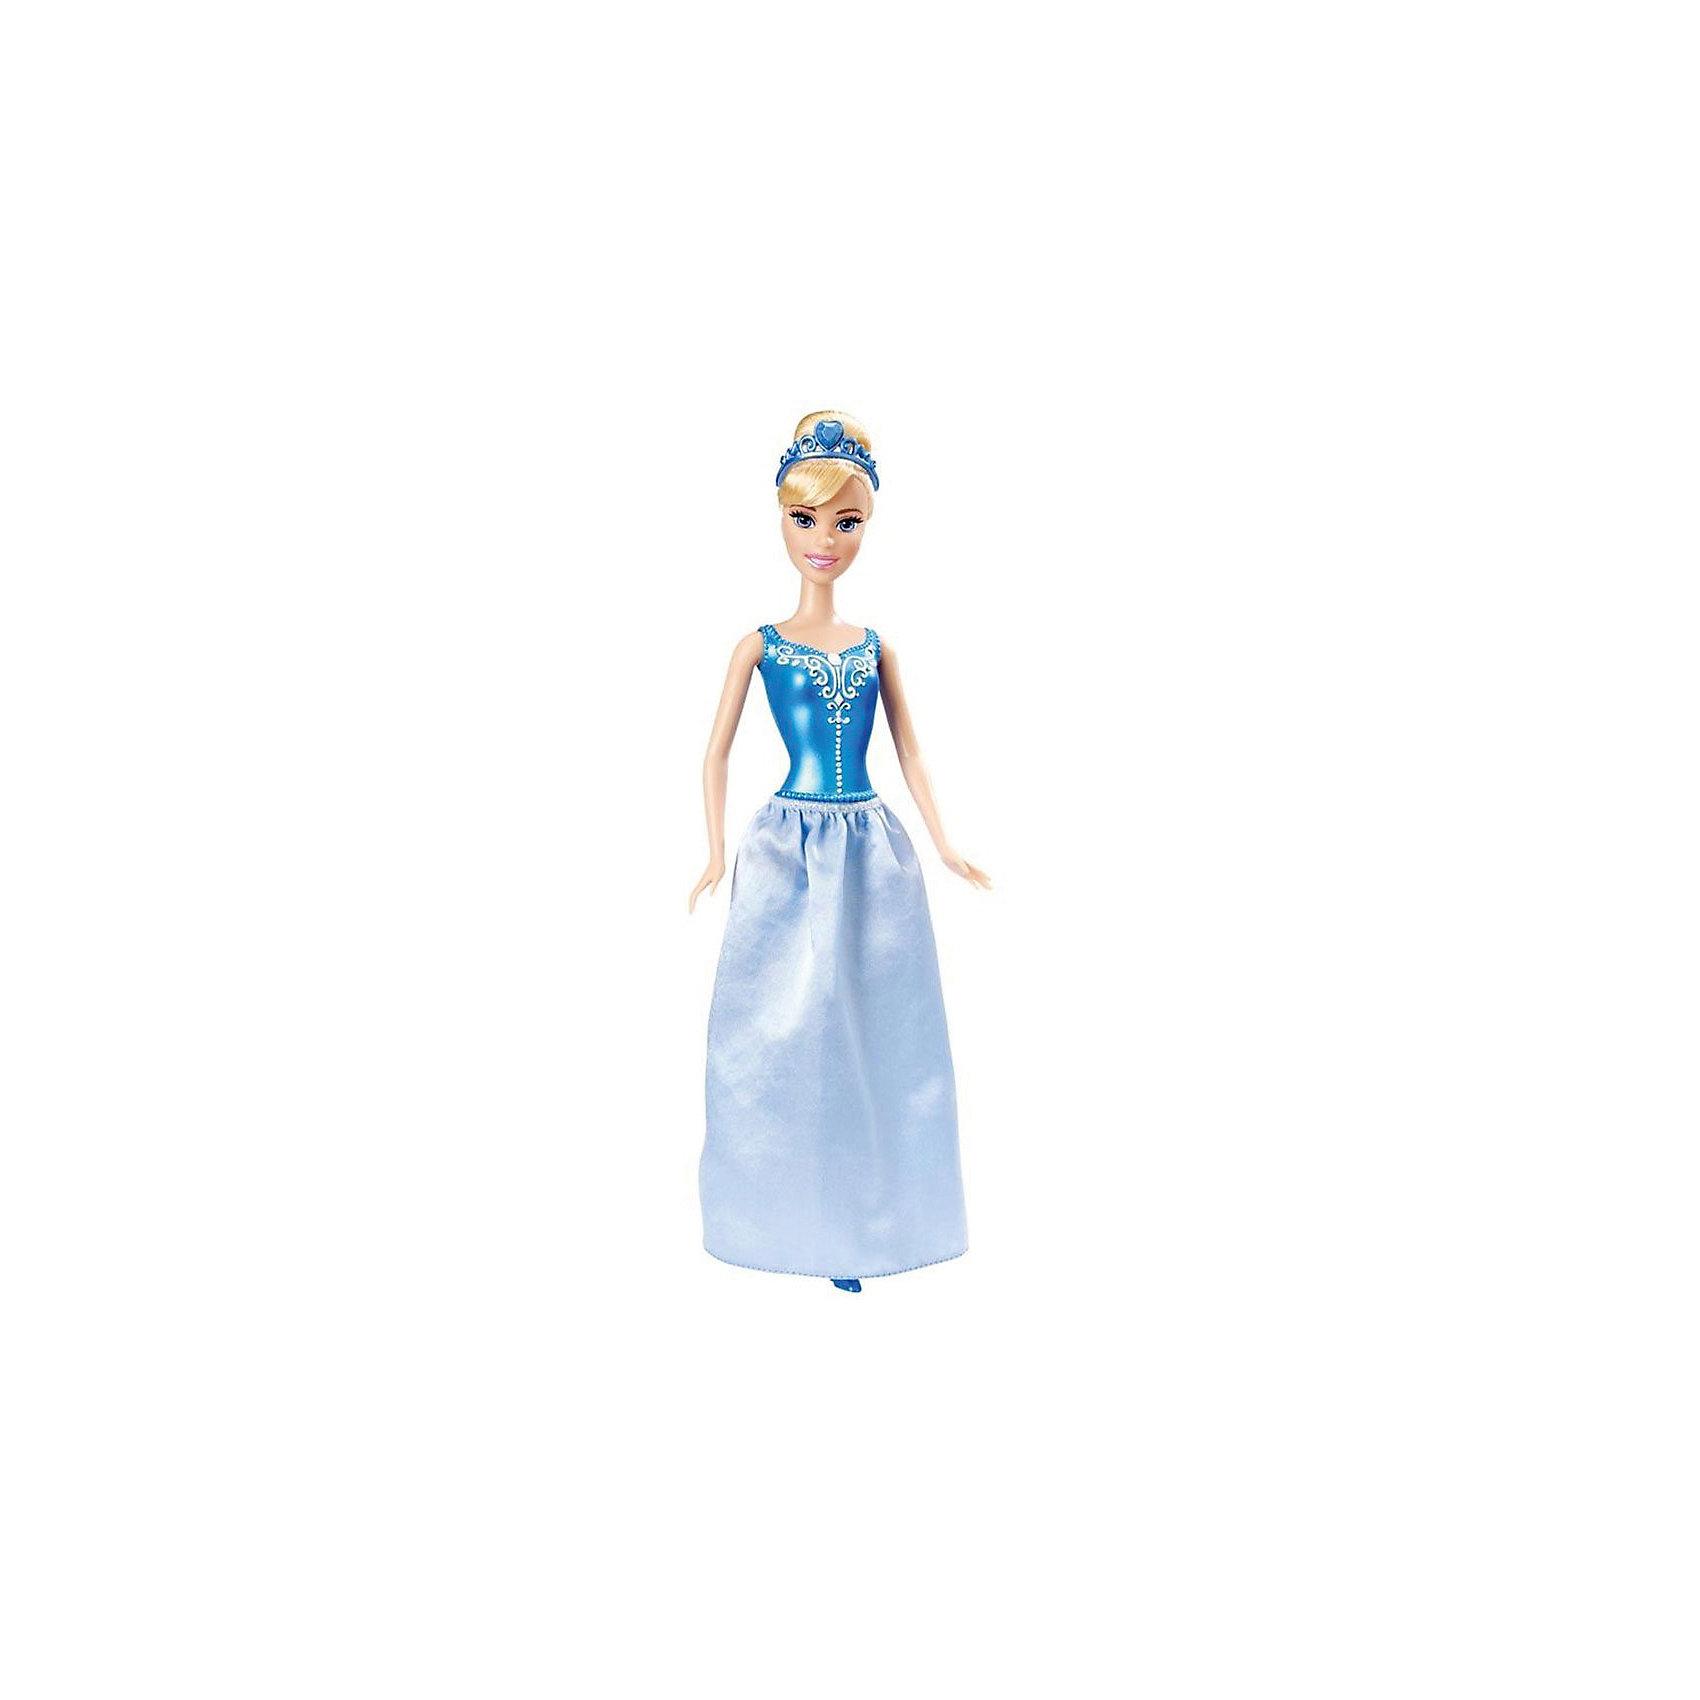 Кукла Золушка, Принцессы ДиснейКукла Золушка, Disney Princess (Принцесса Диснея) – эта кукла поможет вашей малышке окунуться в мир сказки.<br>Золушка из серии «Принцессы Диснея» выглядит совсем как героиня мультфильма! Одета кукла в платье по цветам и стилю, напоминающее наряд Золушки на балу. Платье состоит из цельного с телом куклы пластикового лифа с украшениями и снимающейся юбки. На ногах туфельки. На белых волосах куколки красуется синяя диадема. Волосы густые и хорошо прошиты. У куклы детально прорисованное лицо. Ручки, ножки и голова куколки подвижны. Руки не сгибаются в локтях. Ваша малышка с удовольствием будет играть с этой куколкой, проигрывая сюжеты из мультсериала или придумывая различные истории.<br><br>Дополнительная информация:<br><br>- Материал: высококачественный пластик, текстиль<br>- Рост куклы: 29 см.<br>- Размер упаковки: 32,5 х 10 х 5 см.<br>- Вес: 212 гр.<br><br>Куклу Золушка, Disney Princess (Принцесса Диснея) можно купить в нашем интернет-магазине.<br><br>Ширина мм: 10<br>Глубина мм: 5<br>Высота мм: 32<br>Вес г: 212<br>Возраст от месяцев: 36<br>Возраст до месяцев: 144<br>Пол: Женский<br>Возраст: Детский<br>SKU: 4026504